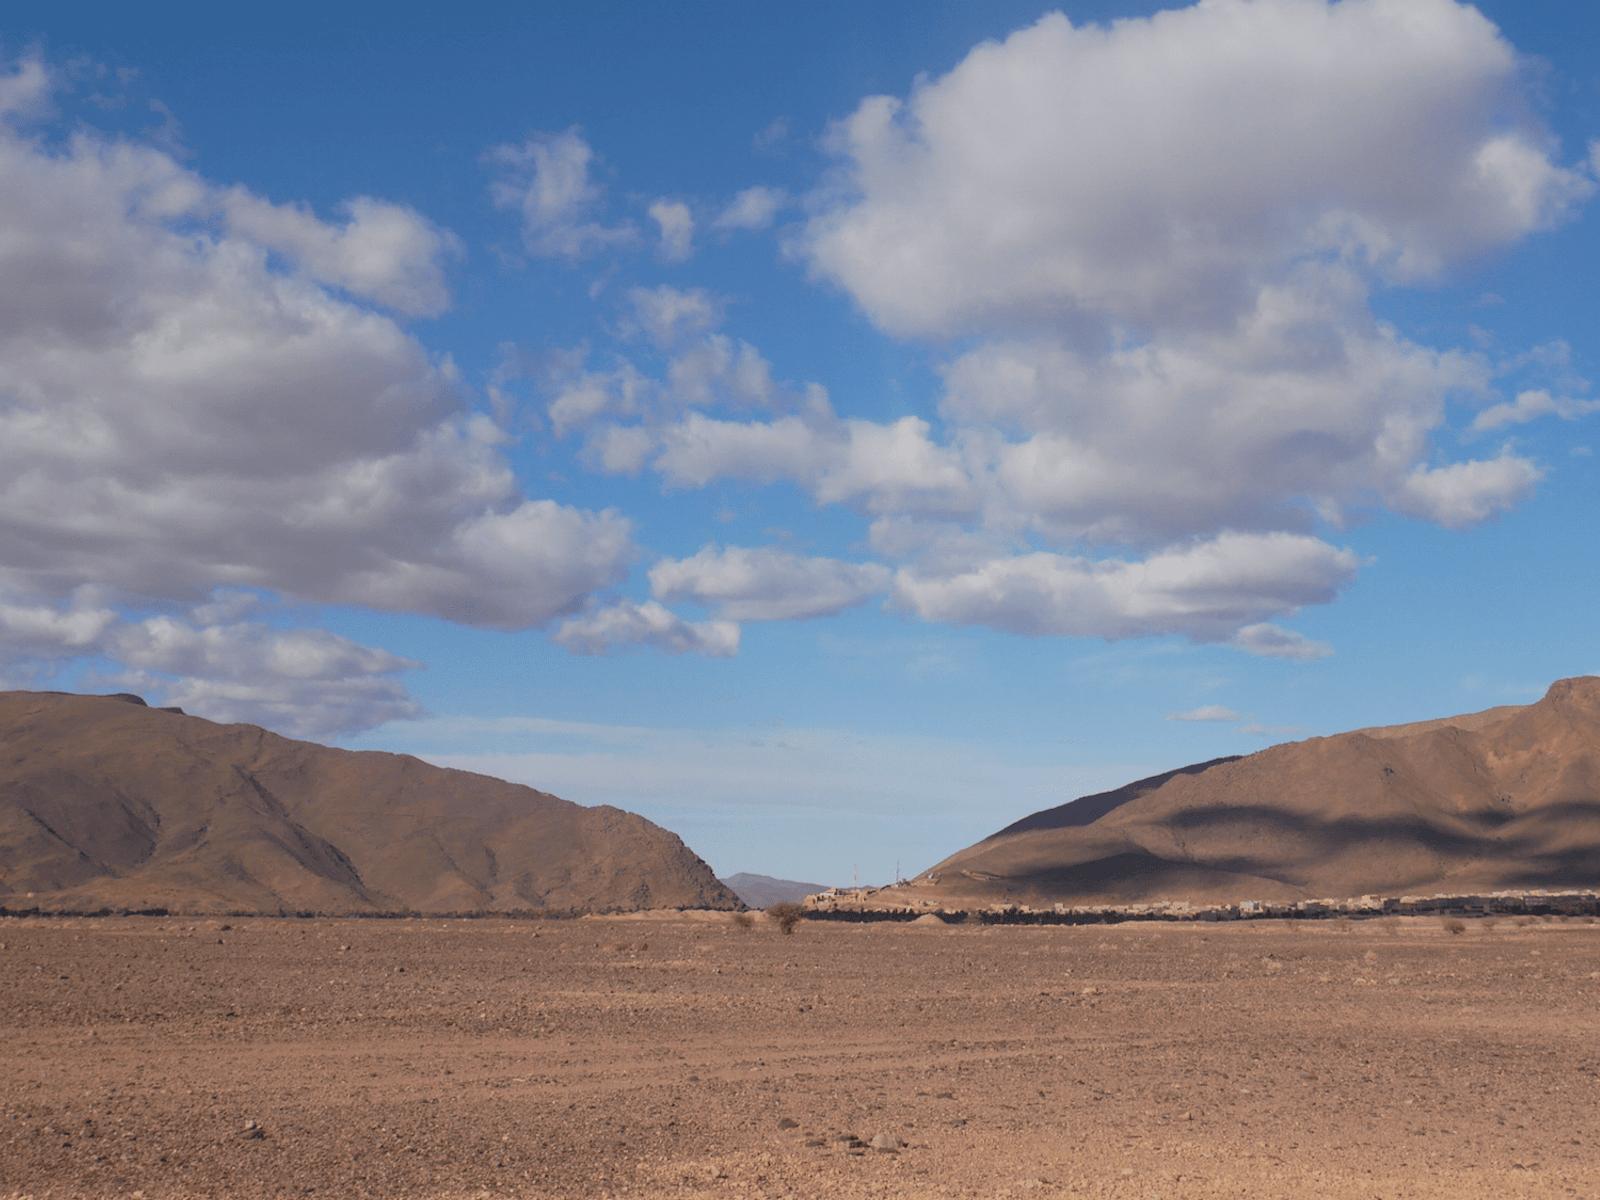 Jbel Bani - Région de Foum Zguid